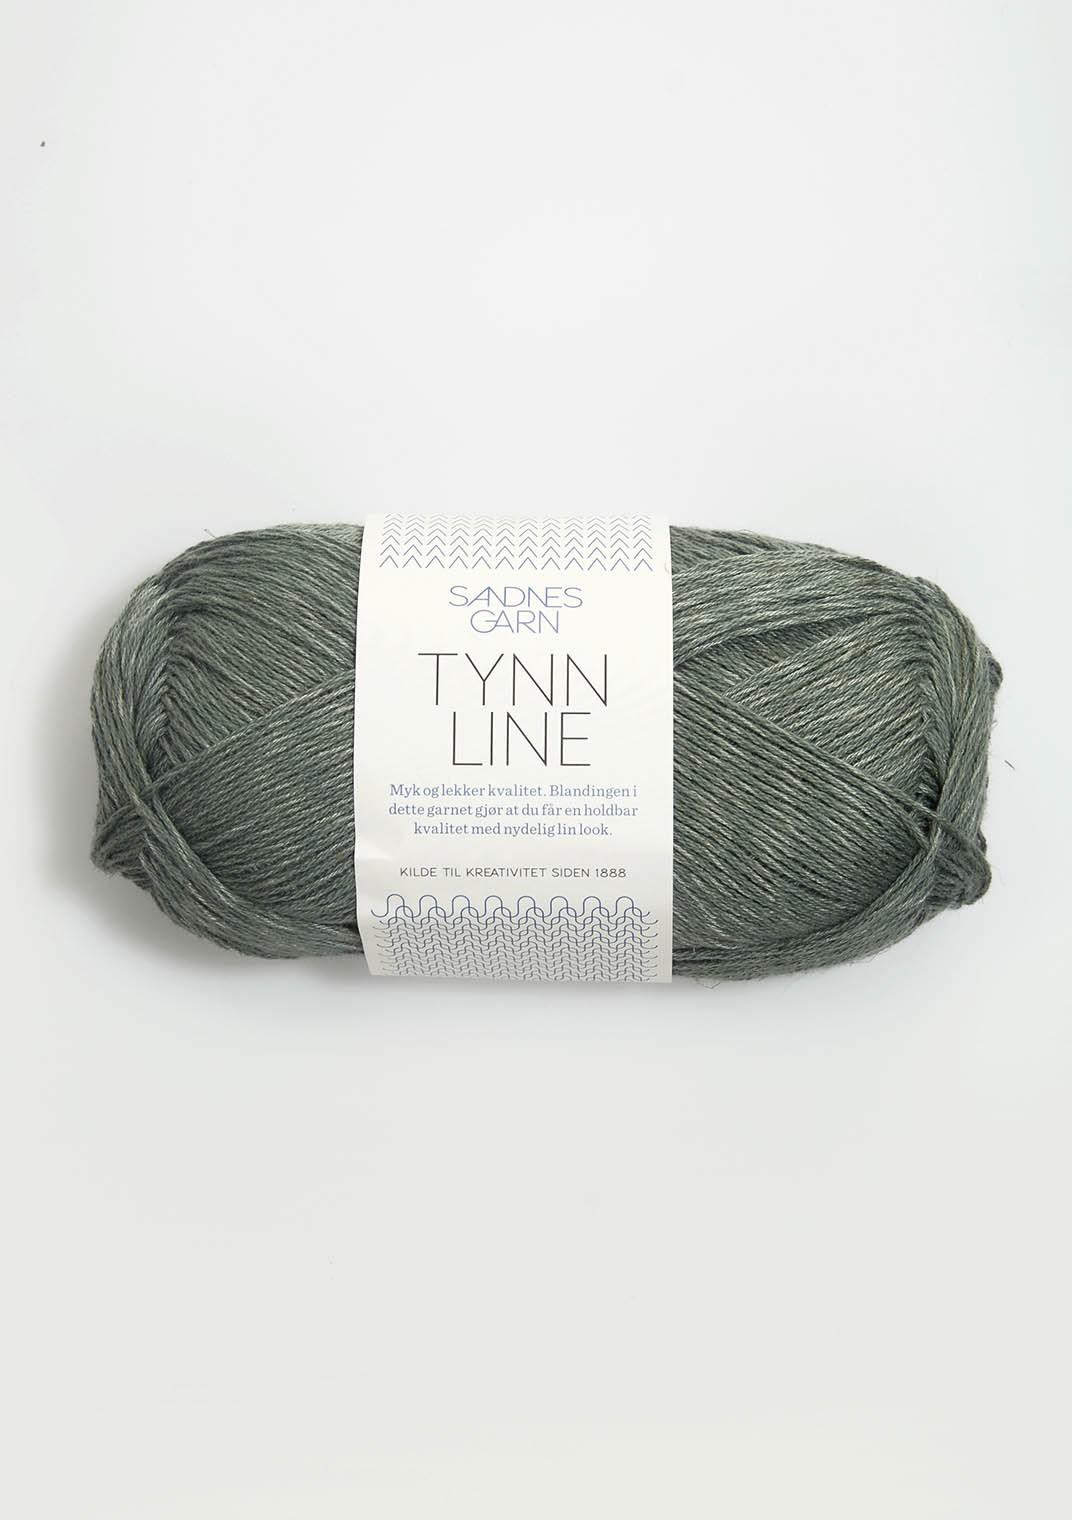 8561 Grønn Tynn Line